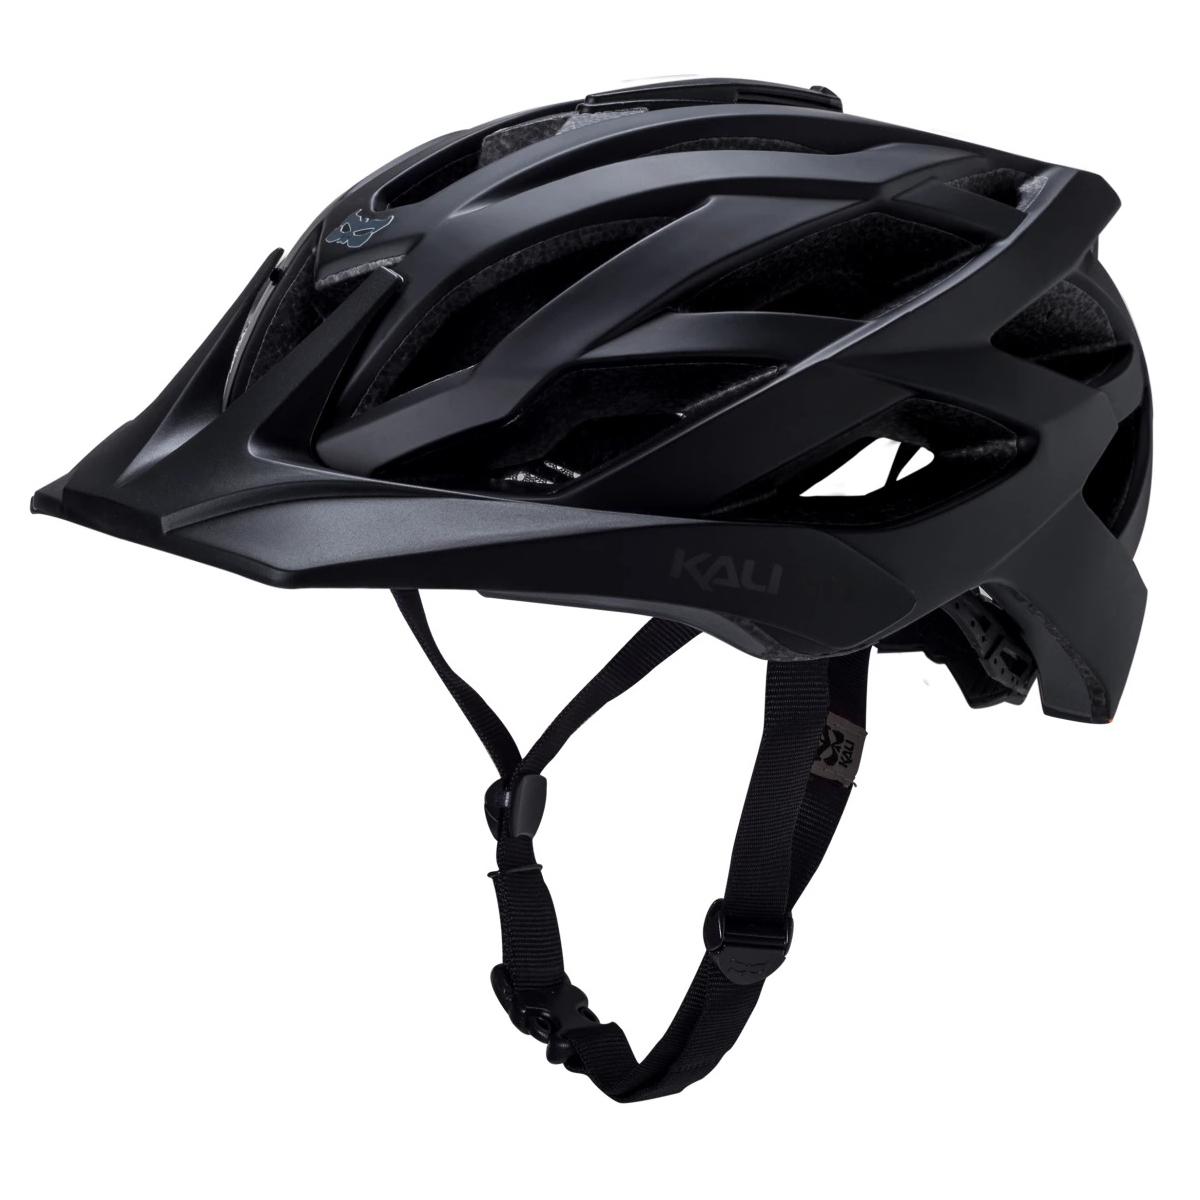 20% Rabatt auf ausgewählte Kleidung bei Bike Mailorder, z.B. mit dem Kali Lunati Trail Helm für 45€ statt 76€